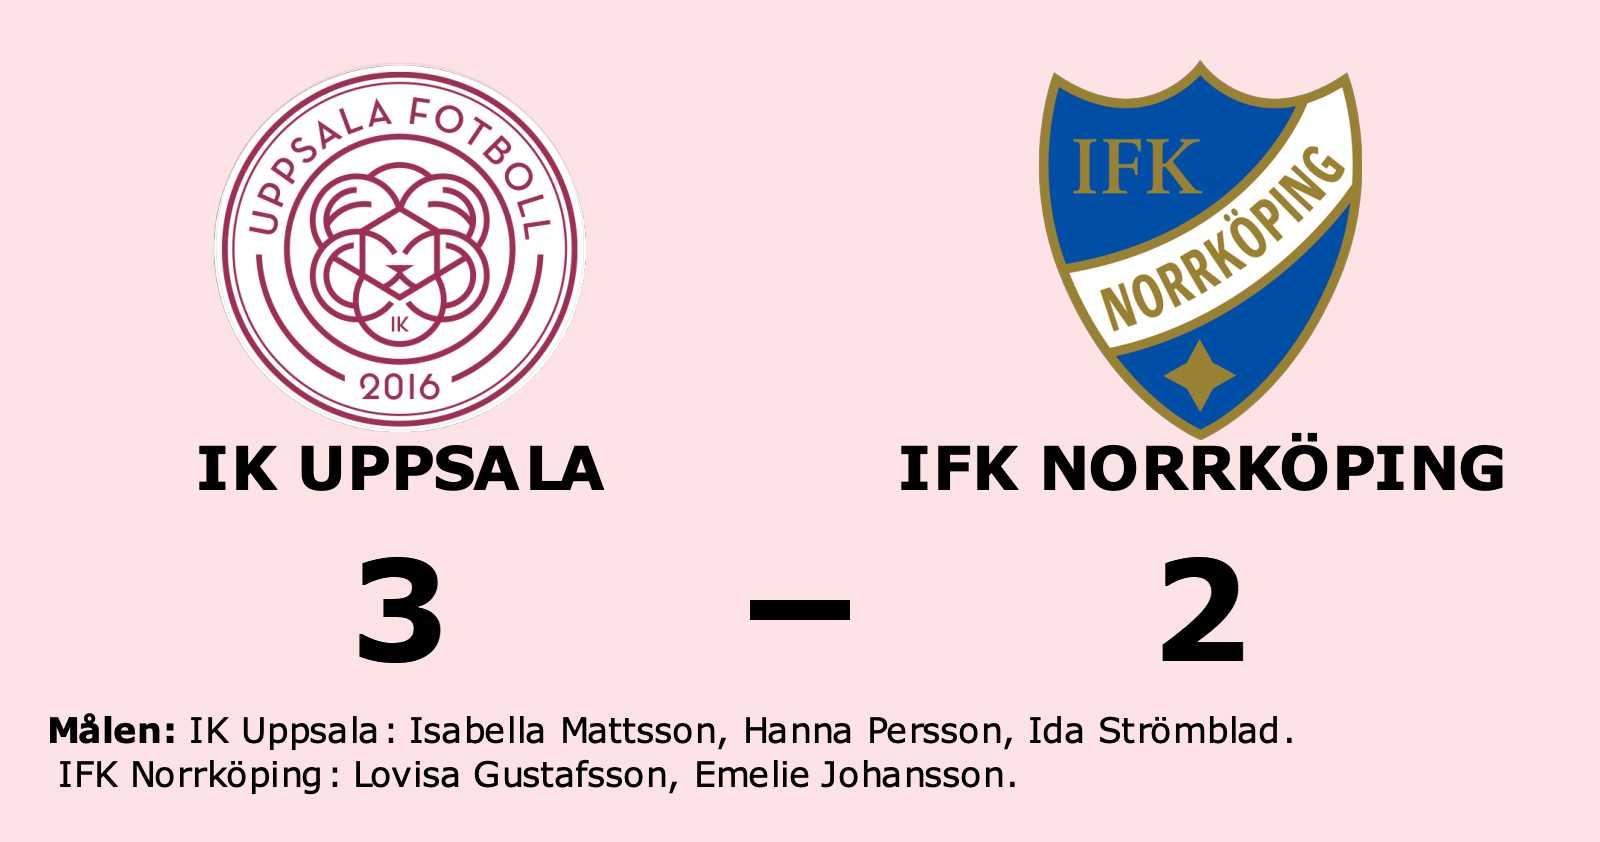 IFK Norrköping tappade ledning och fick se sig besegrat